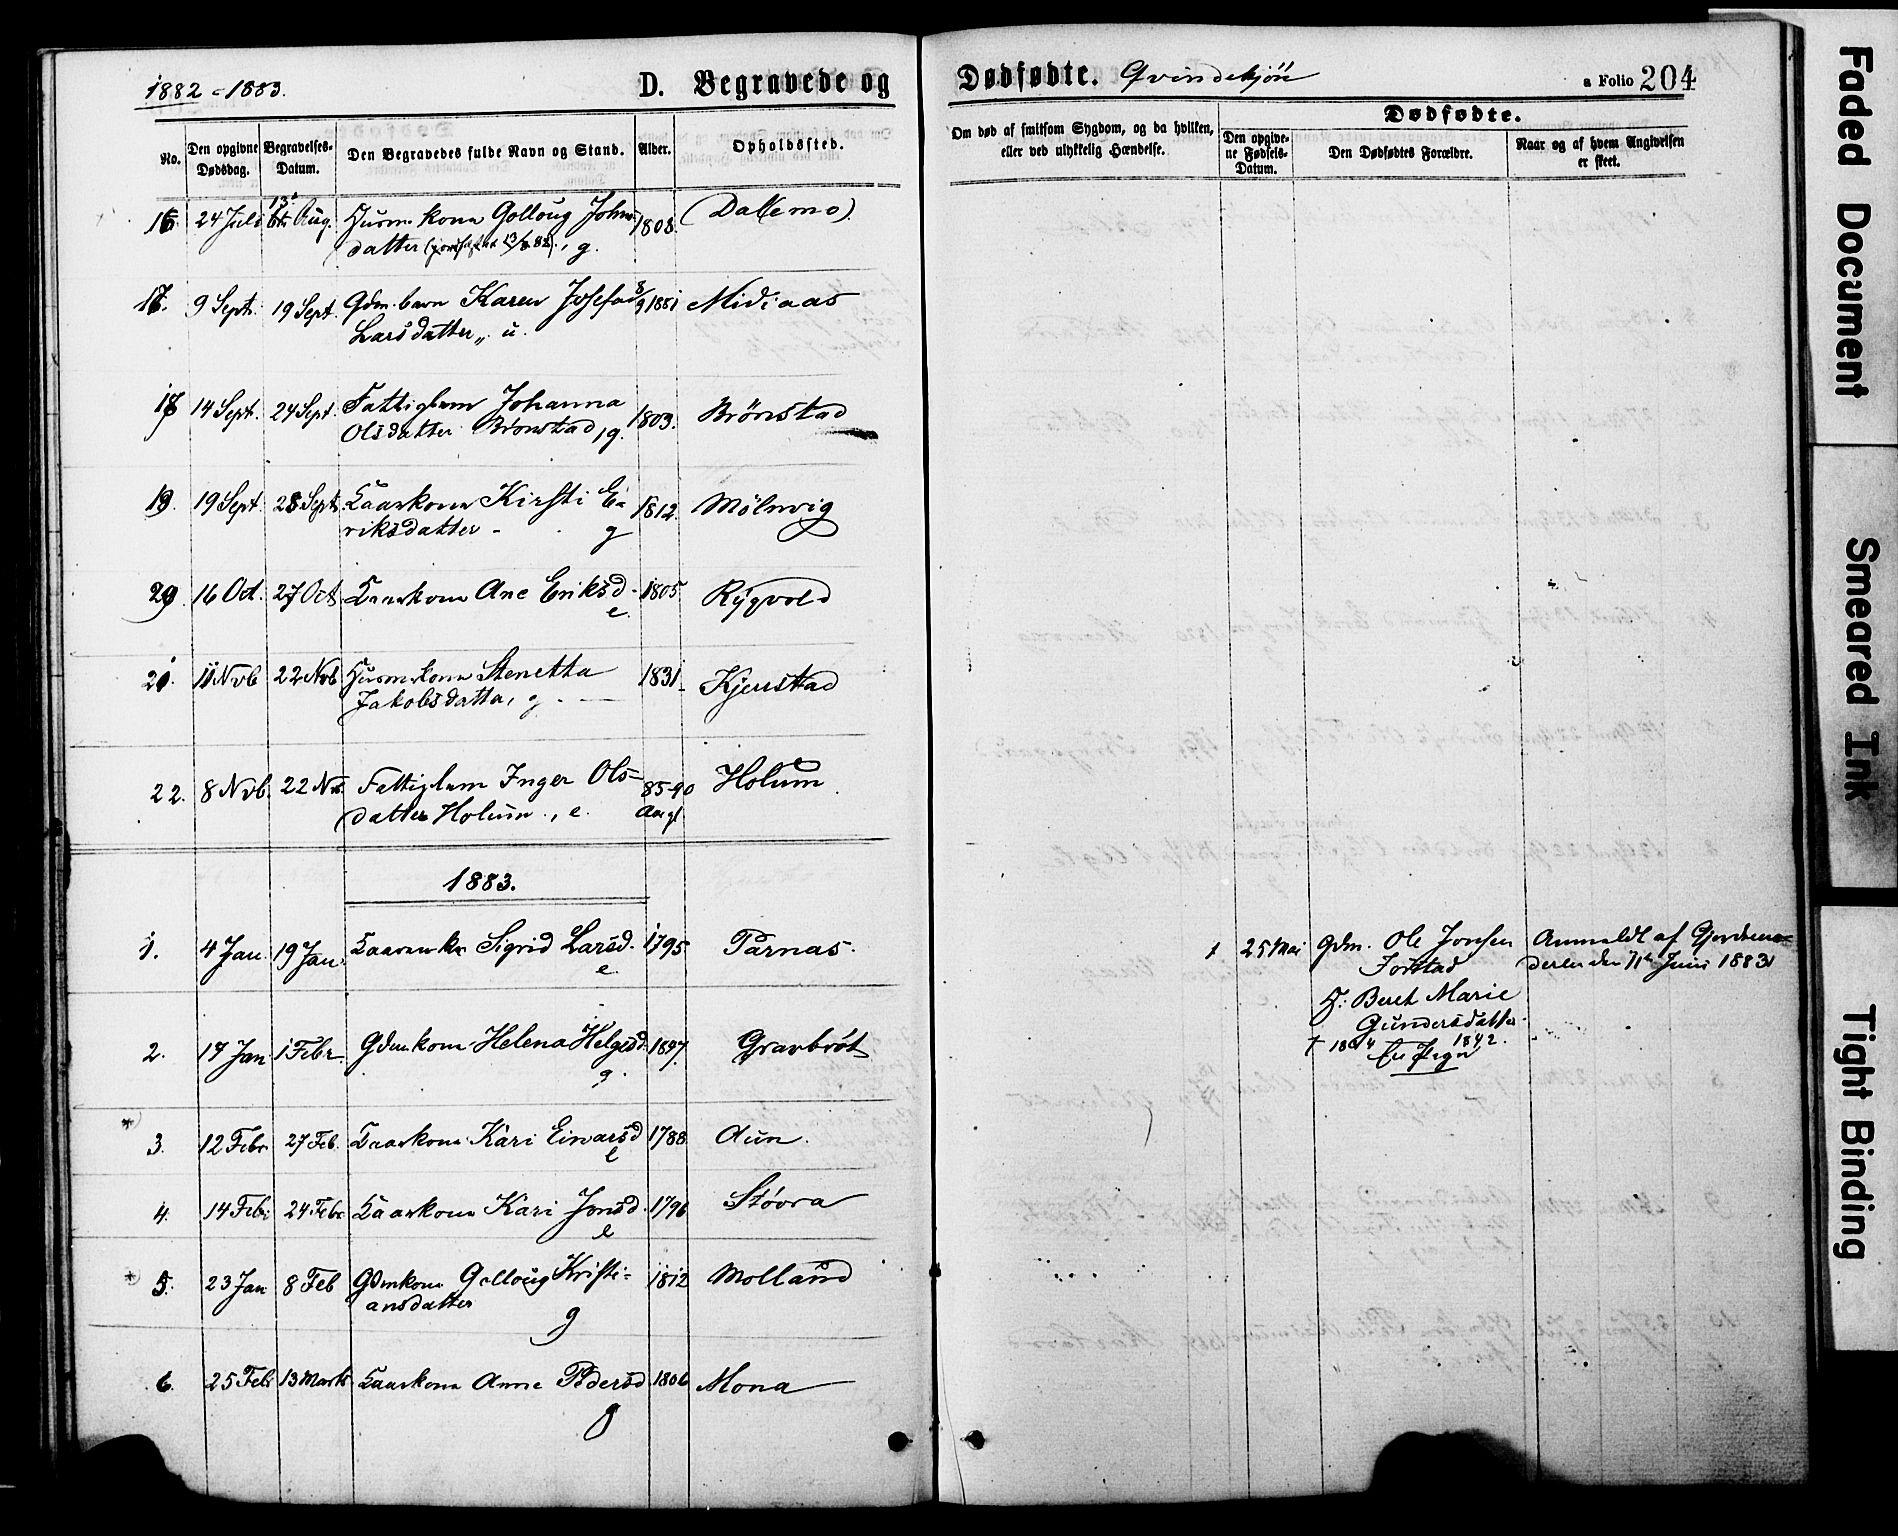 SAT, Ministerialprotokoller, klokkerbøker og fødselsregistre - Nord-Trøndelag, 749/L0473: Ministerialbok nr. 749A07, 1873-1887, s. 204